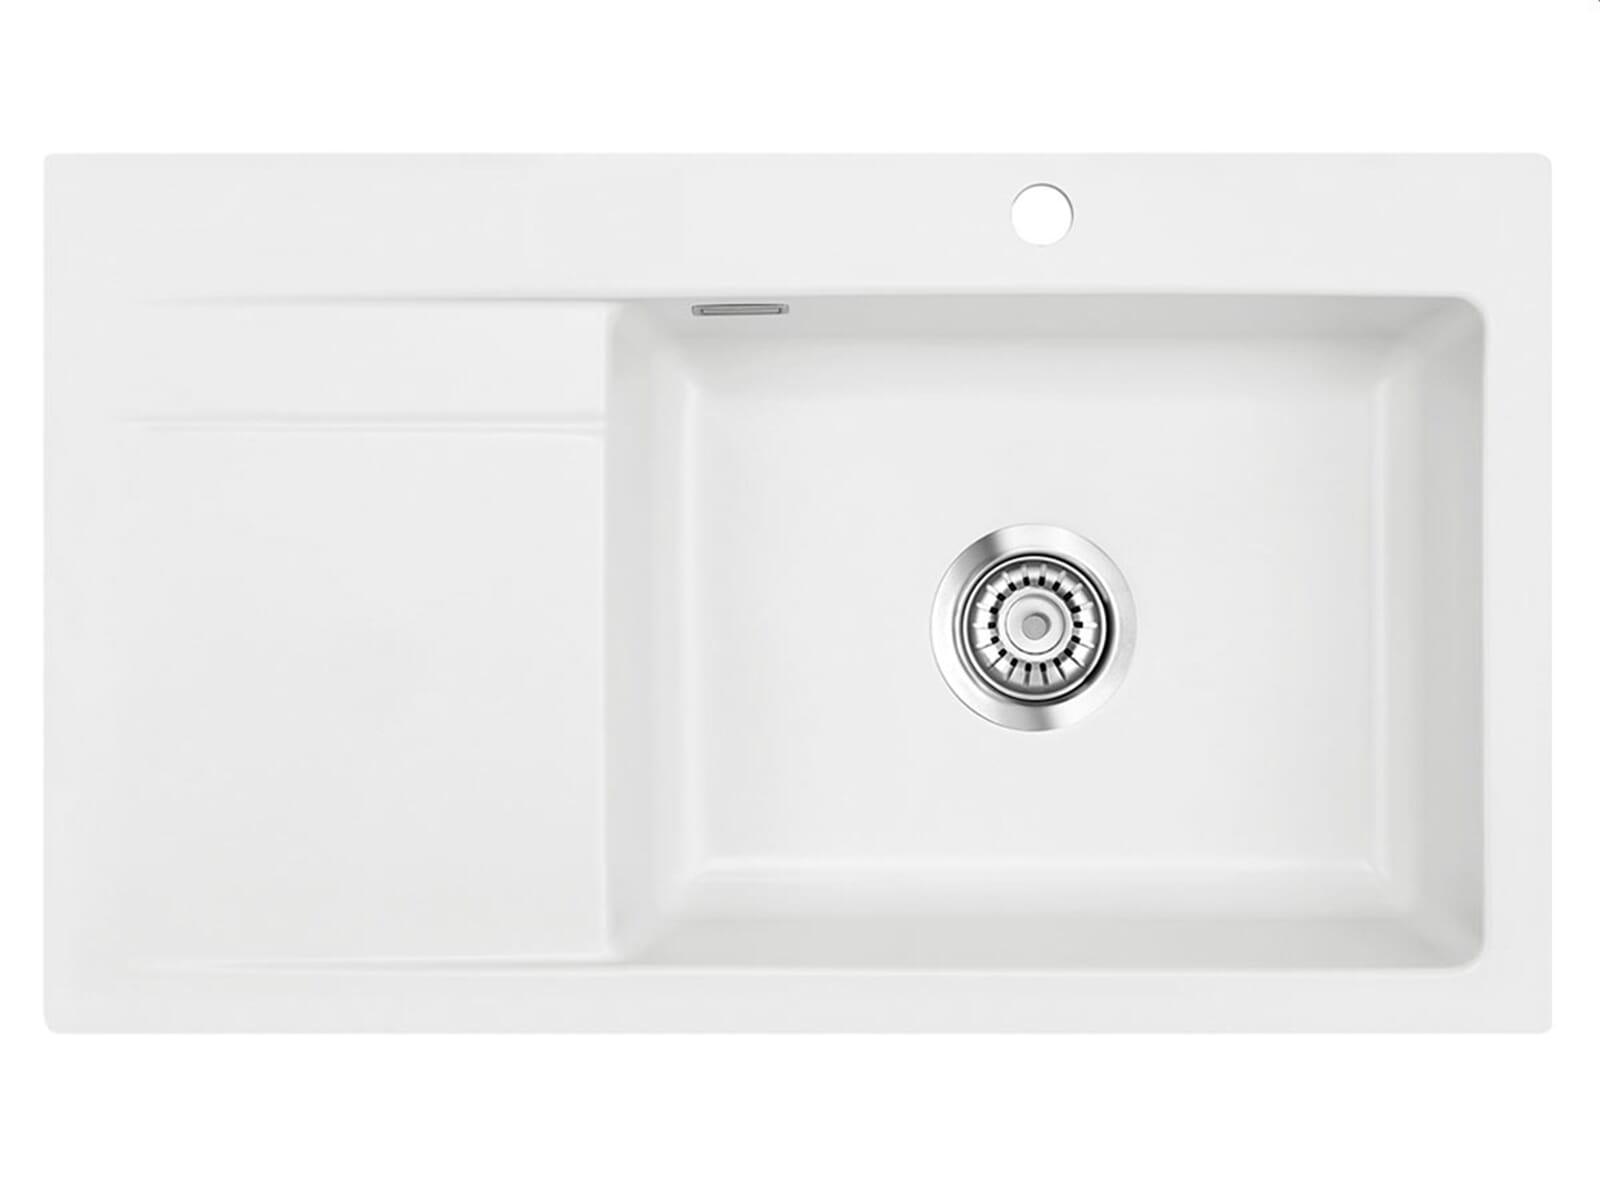 Systemceram Stema 86 SL Polar Keramikspüle Handbetätigung